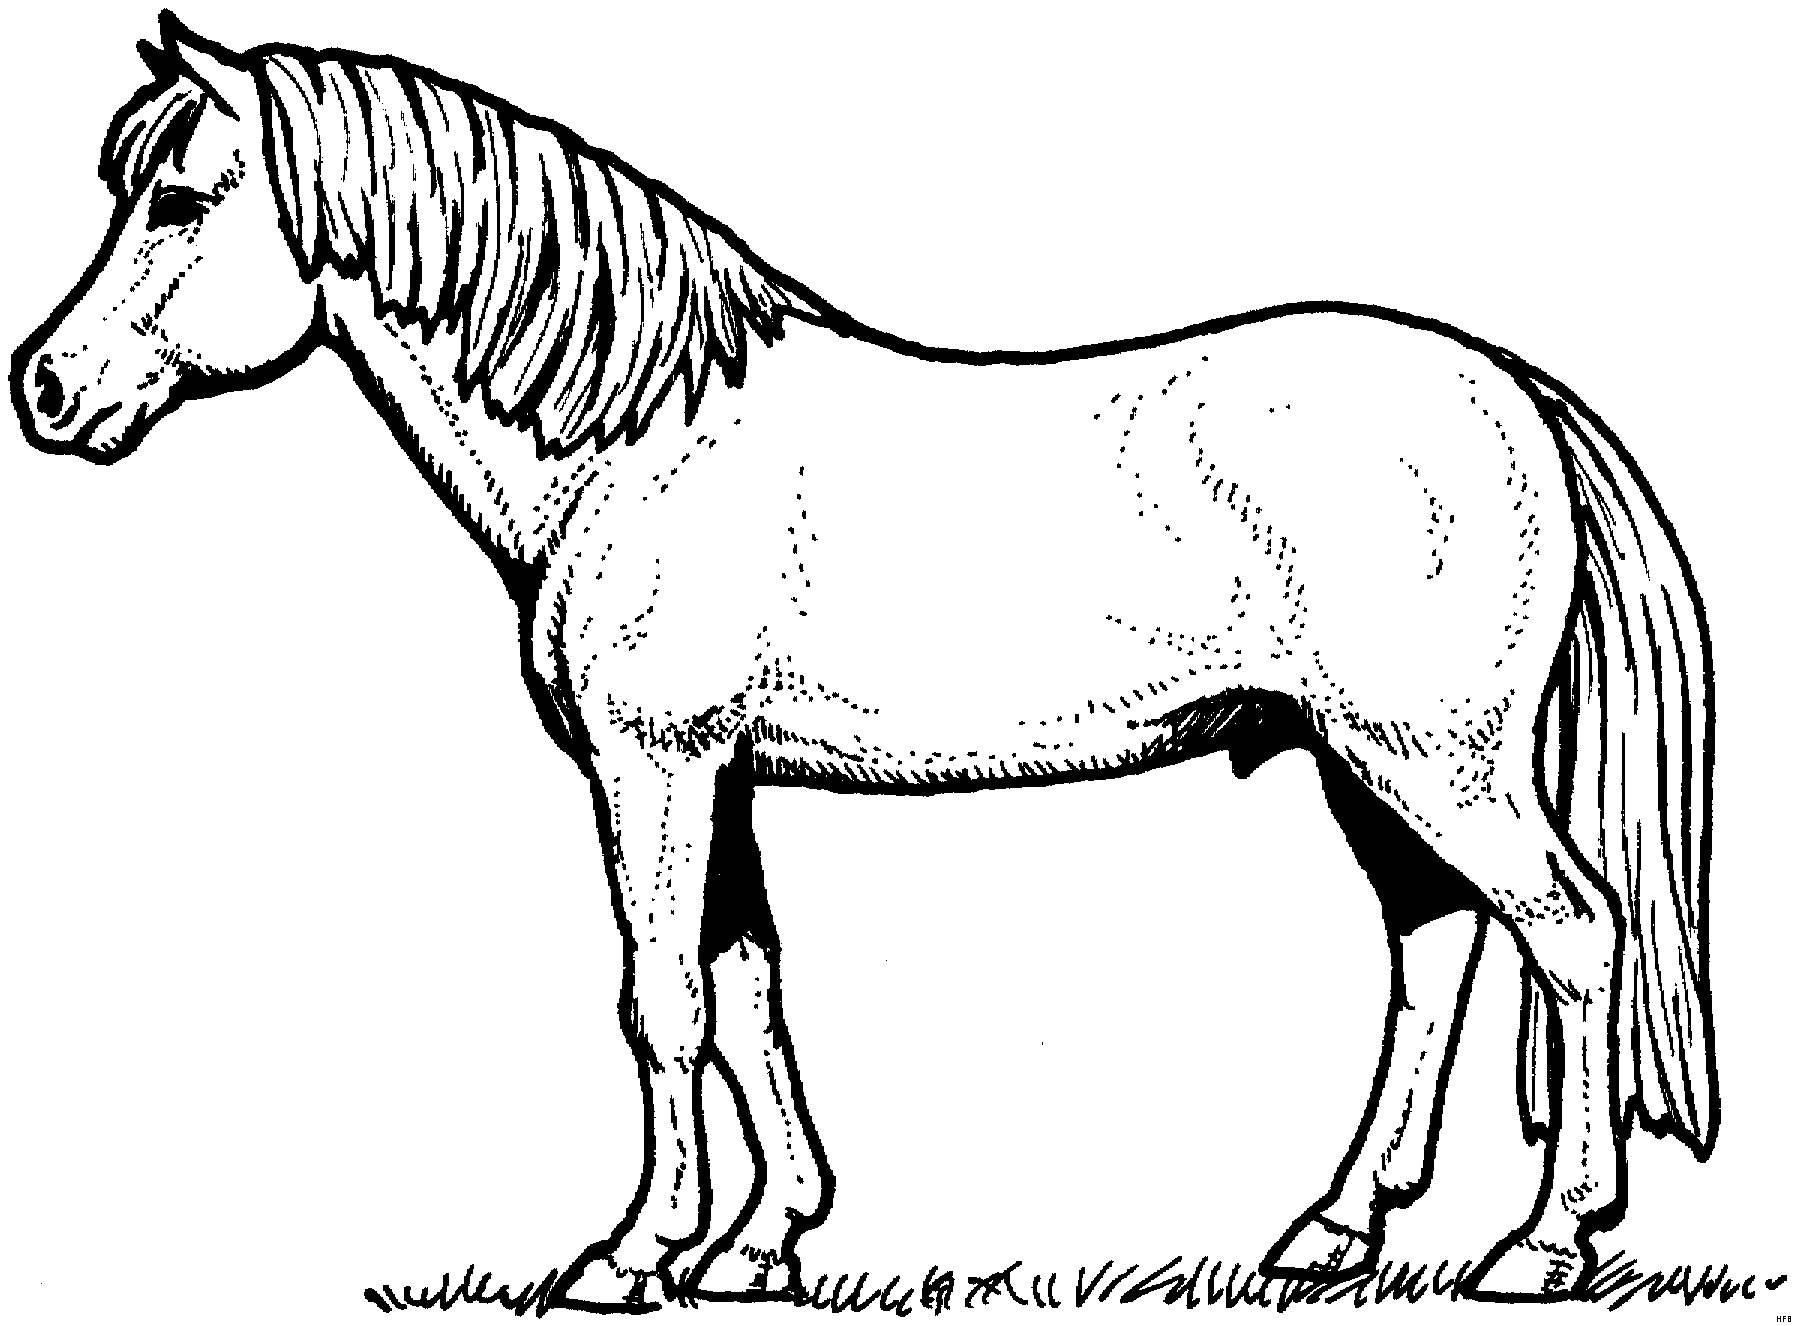 Pferde Ausmalbilder Mit Reiter Neu 45 Pferd Mit Reiter Ausmalbild Galerie